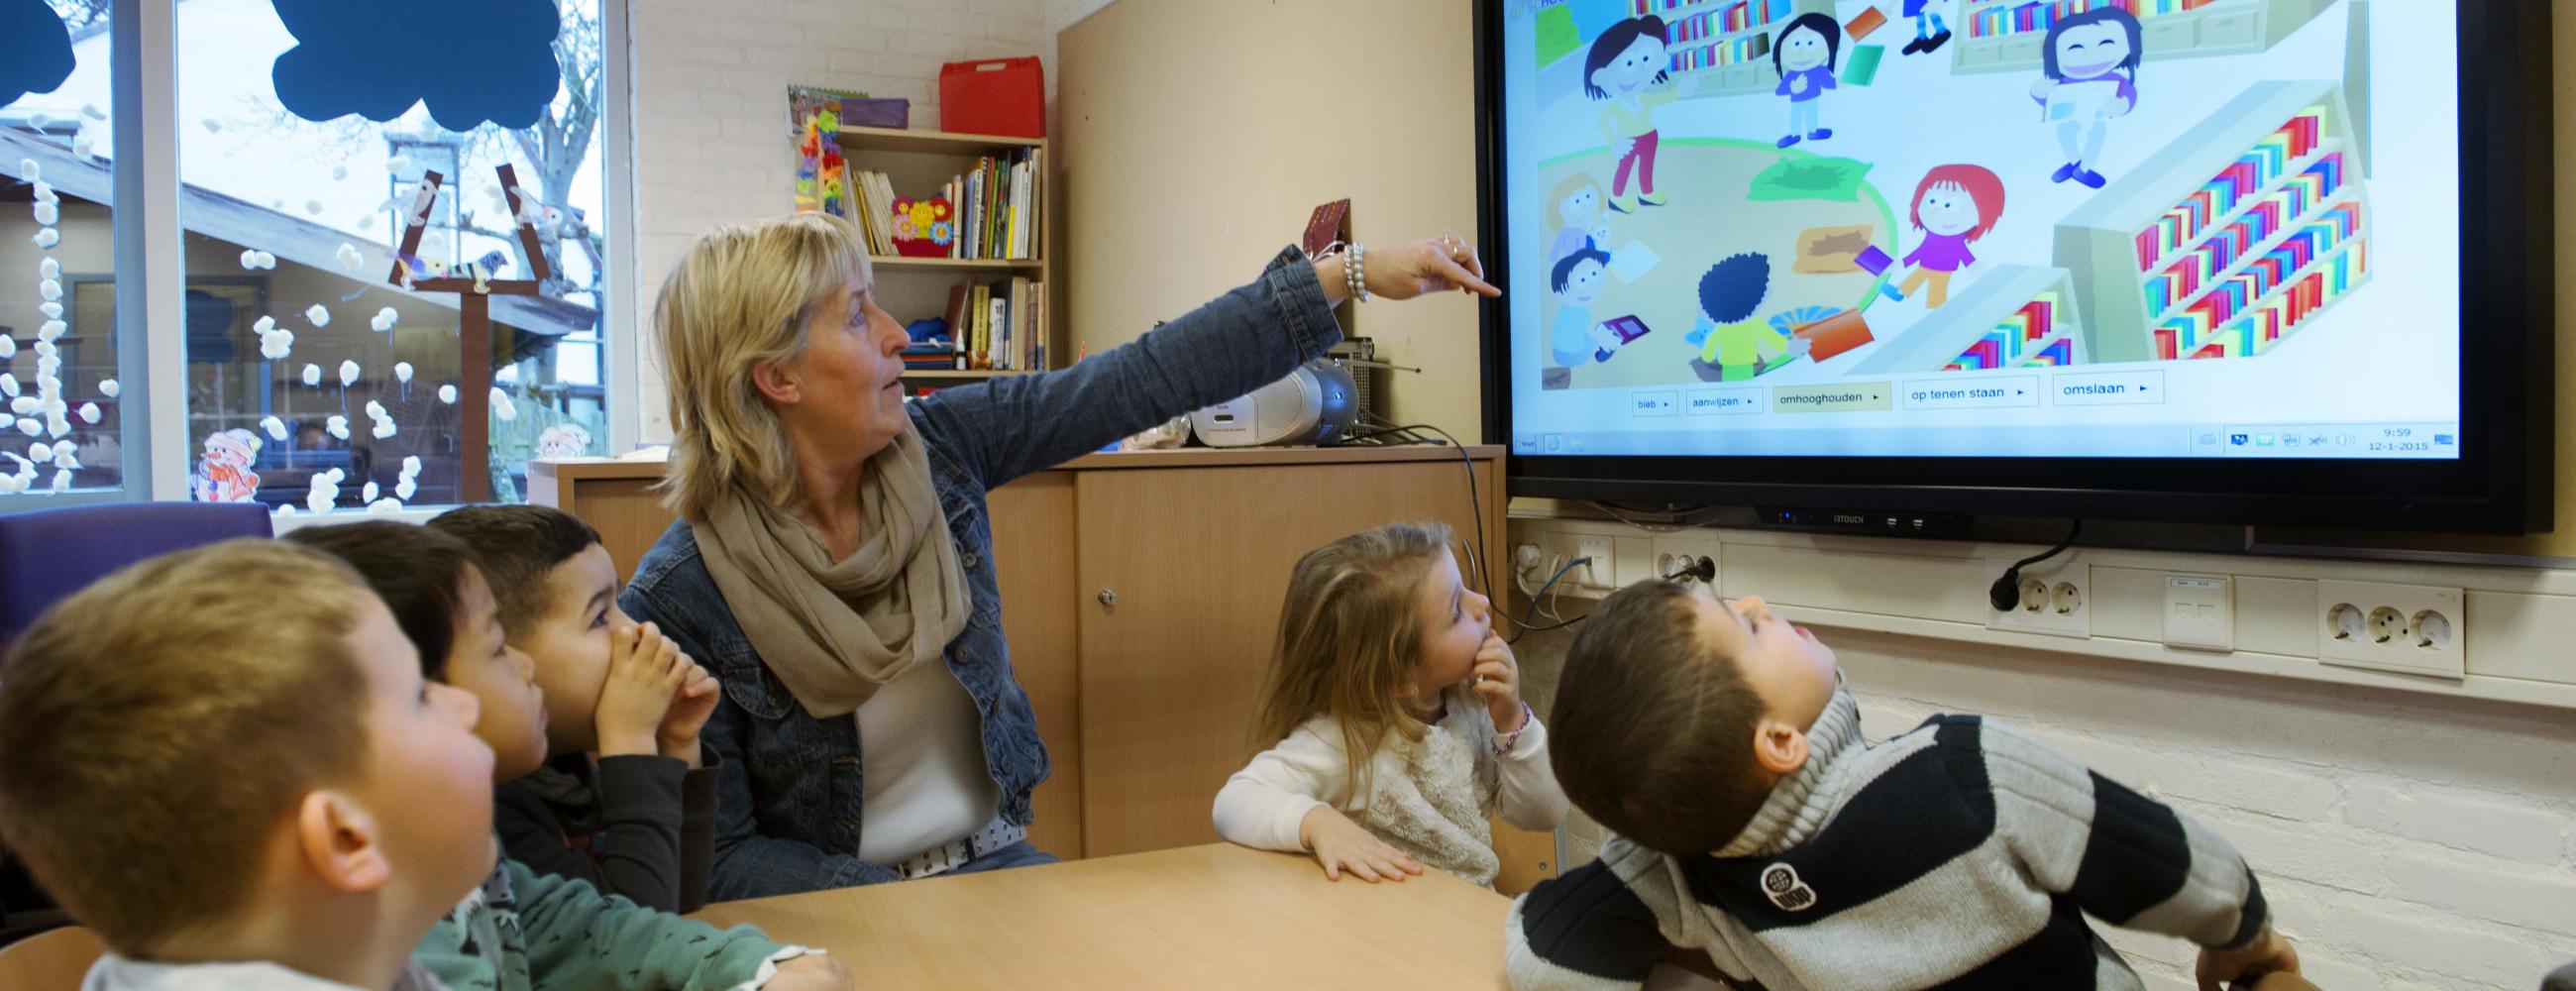 Sil-op-school-Margrietschool-Zwijndrecht.jpg